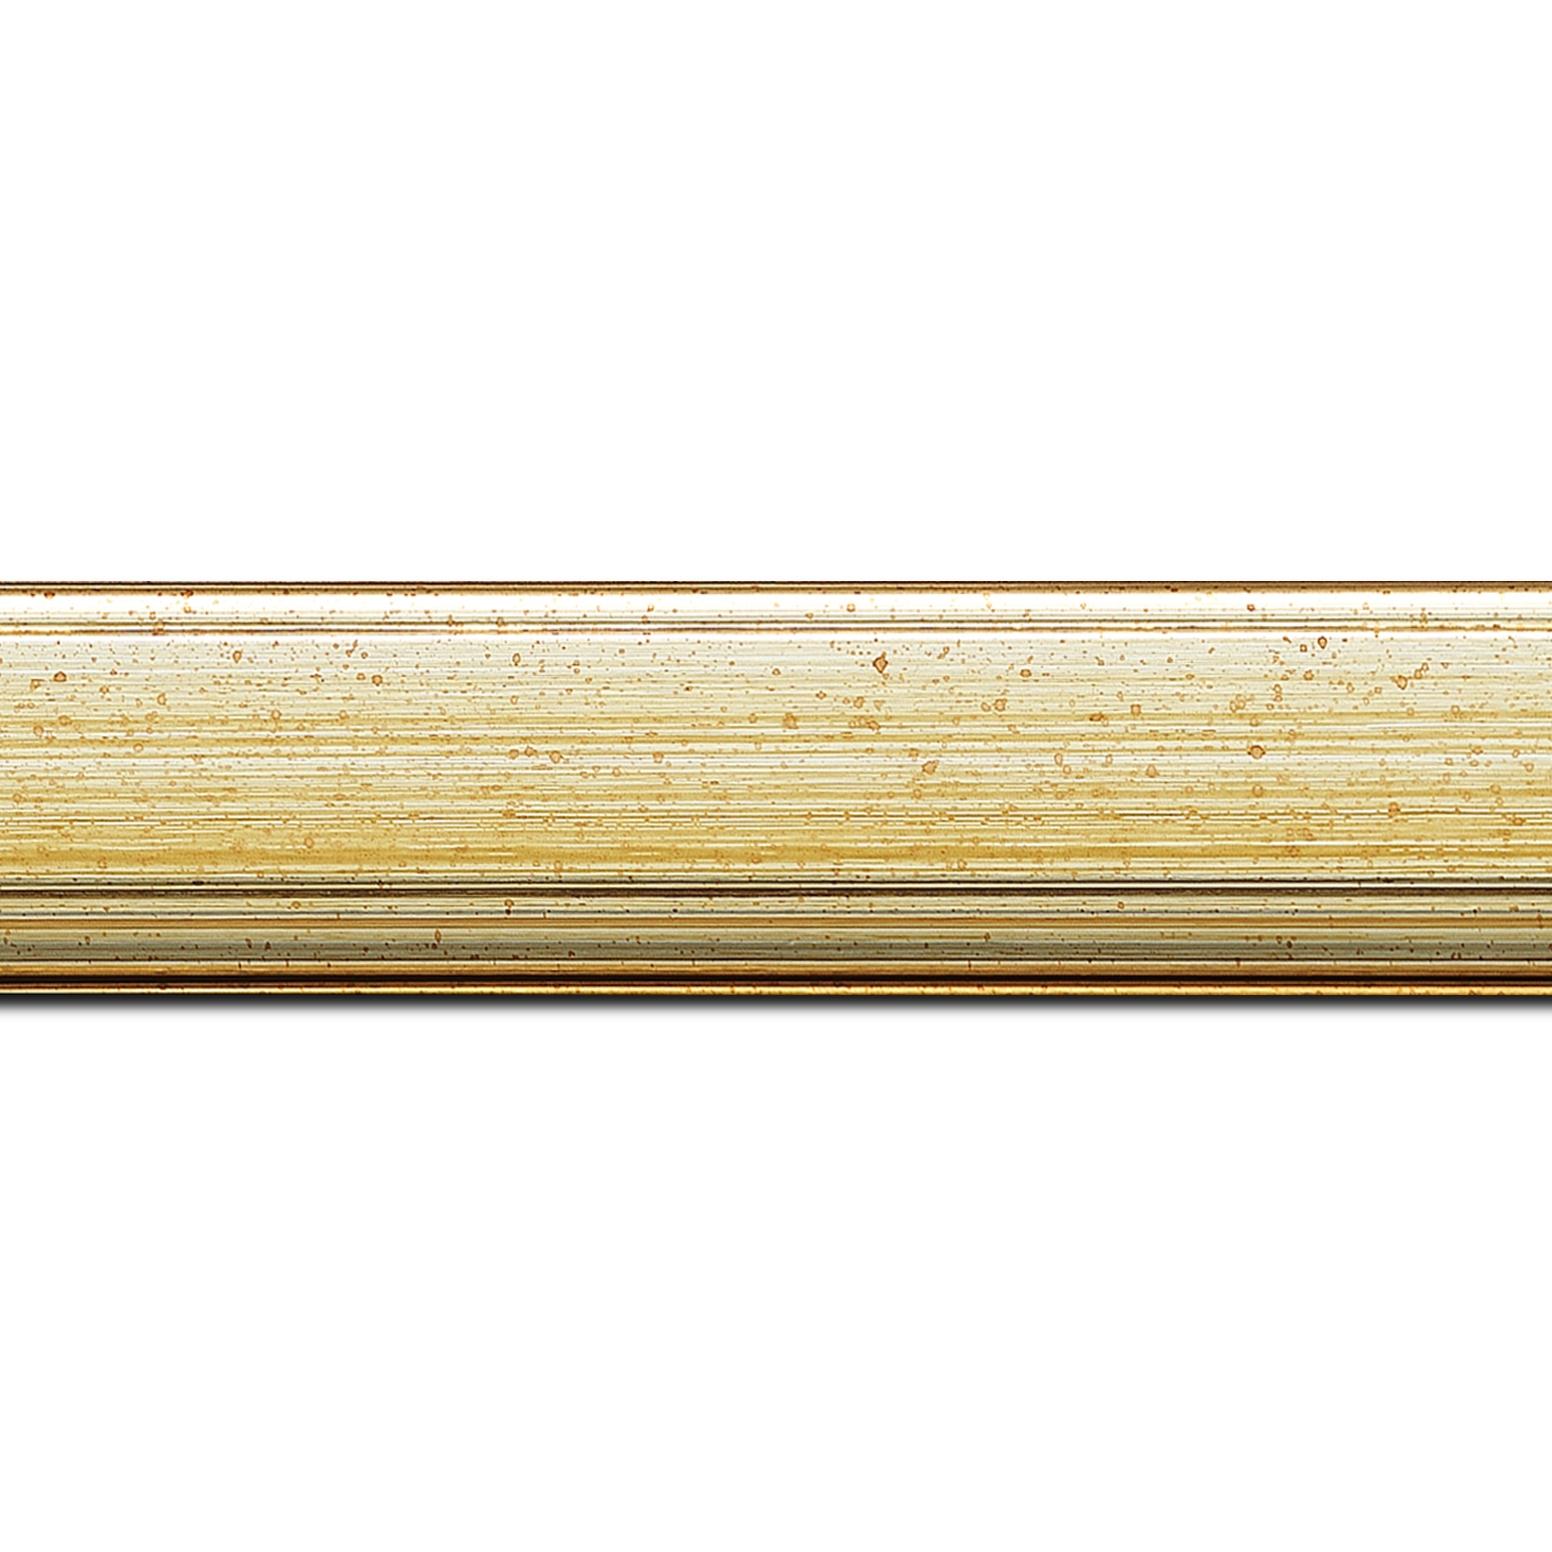 cadre bois argent 70x100 pas cher cadre photo bois argent 70x100 destock cadre. Black Bedroom Furniture Sets. Home Design Ideas